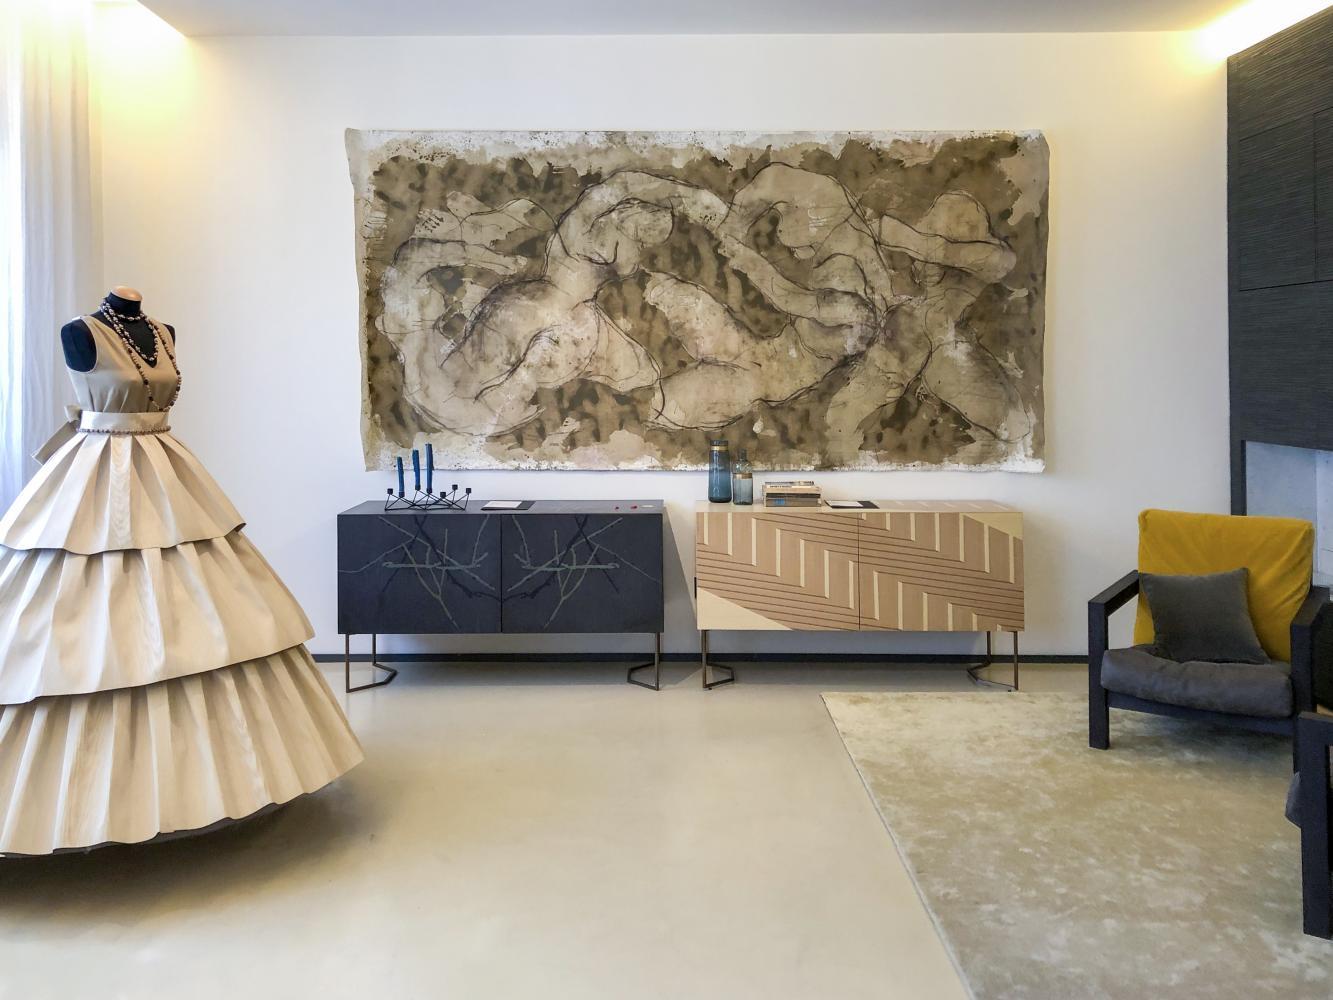 intarsia la magia del legno event milan design city 2020